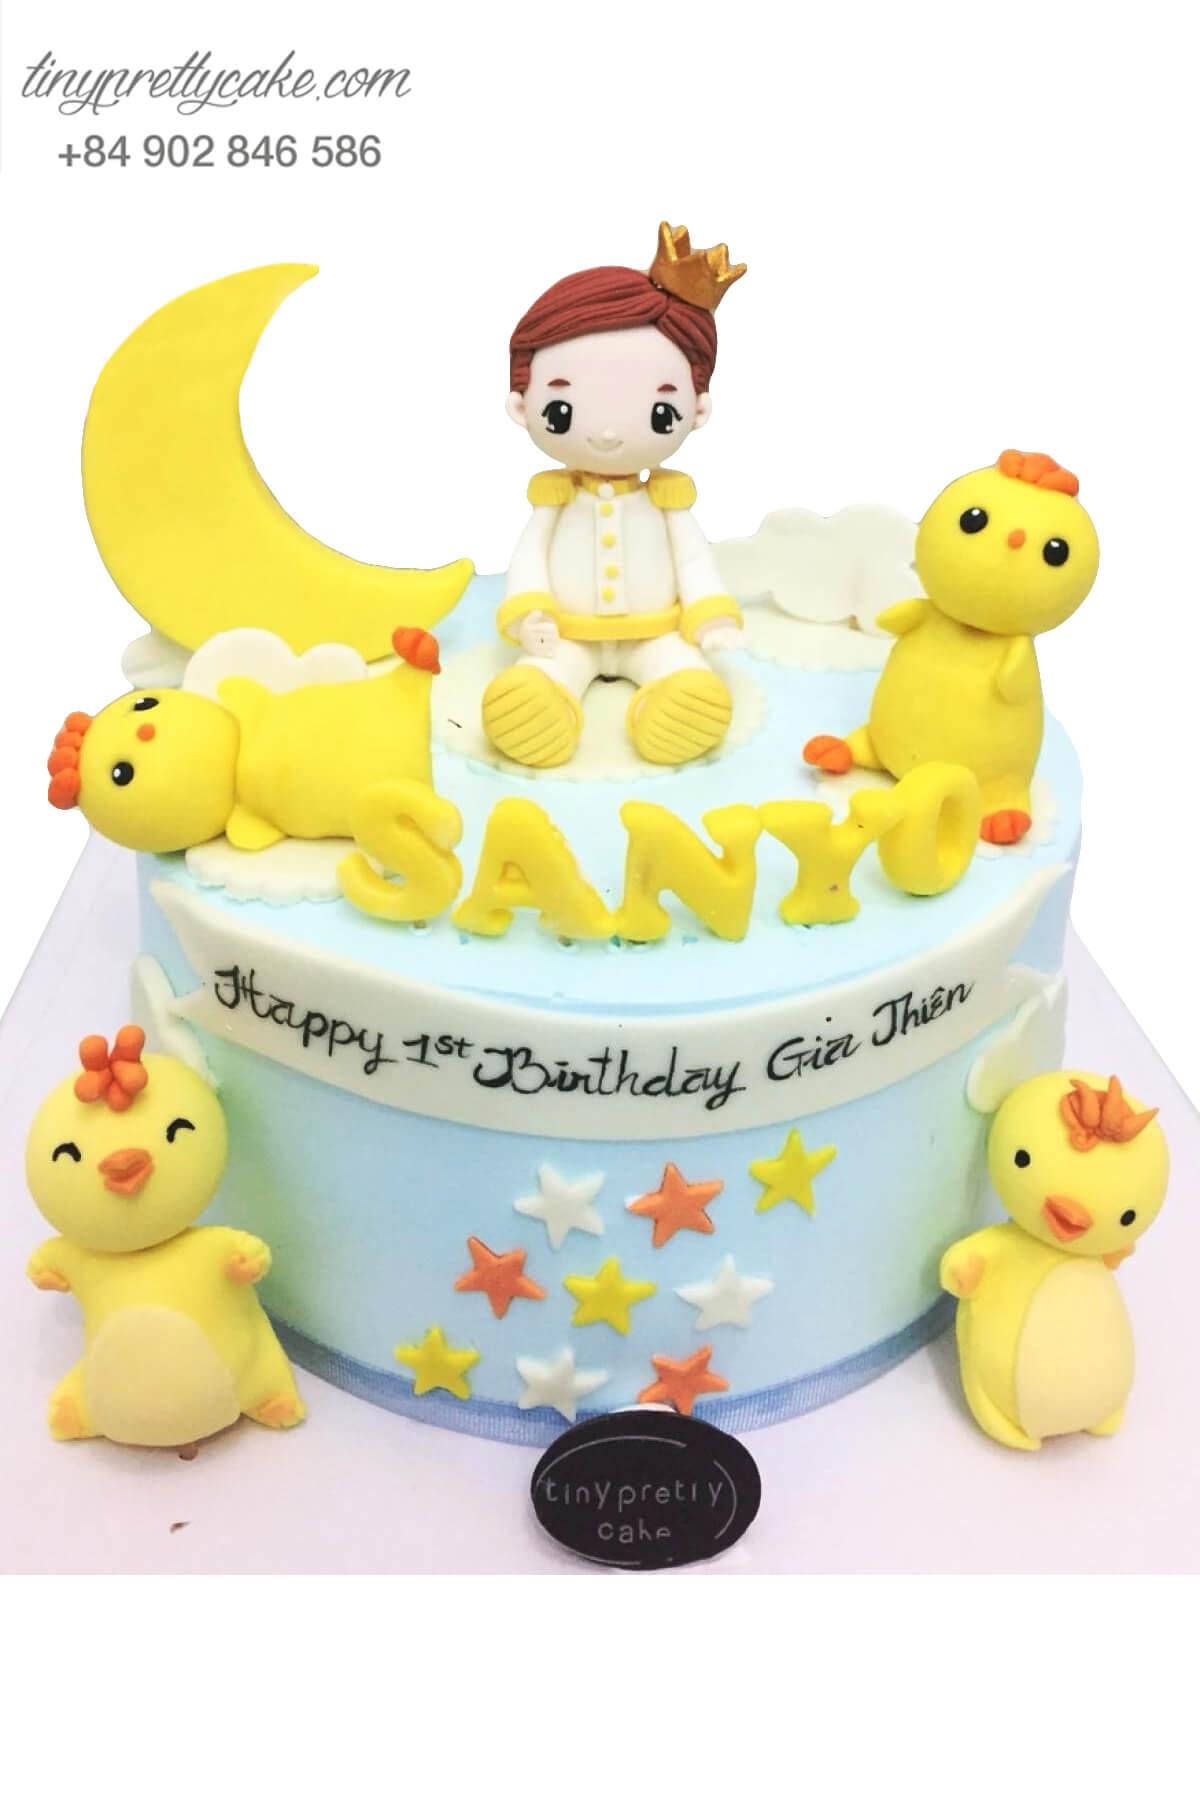 bánh sinh nhật cho bé trai tuổi dậu